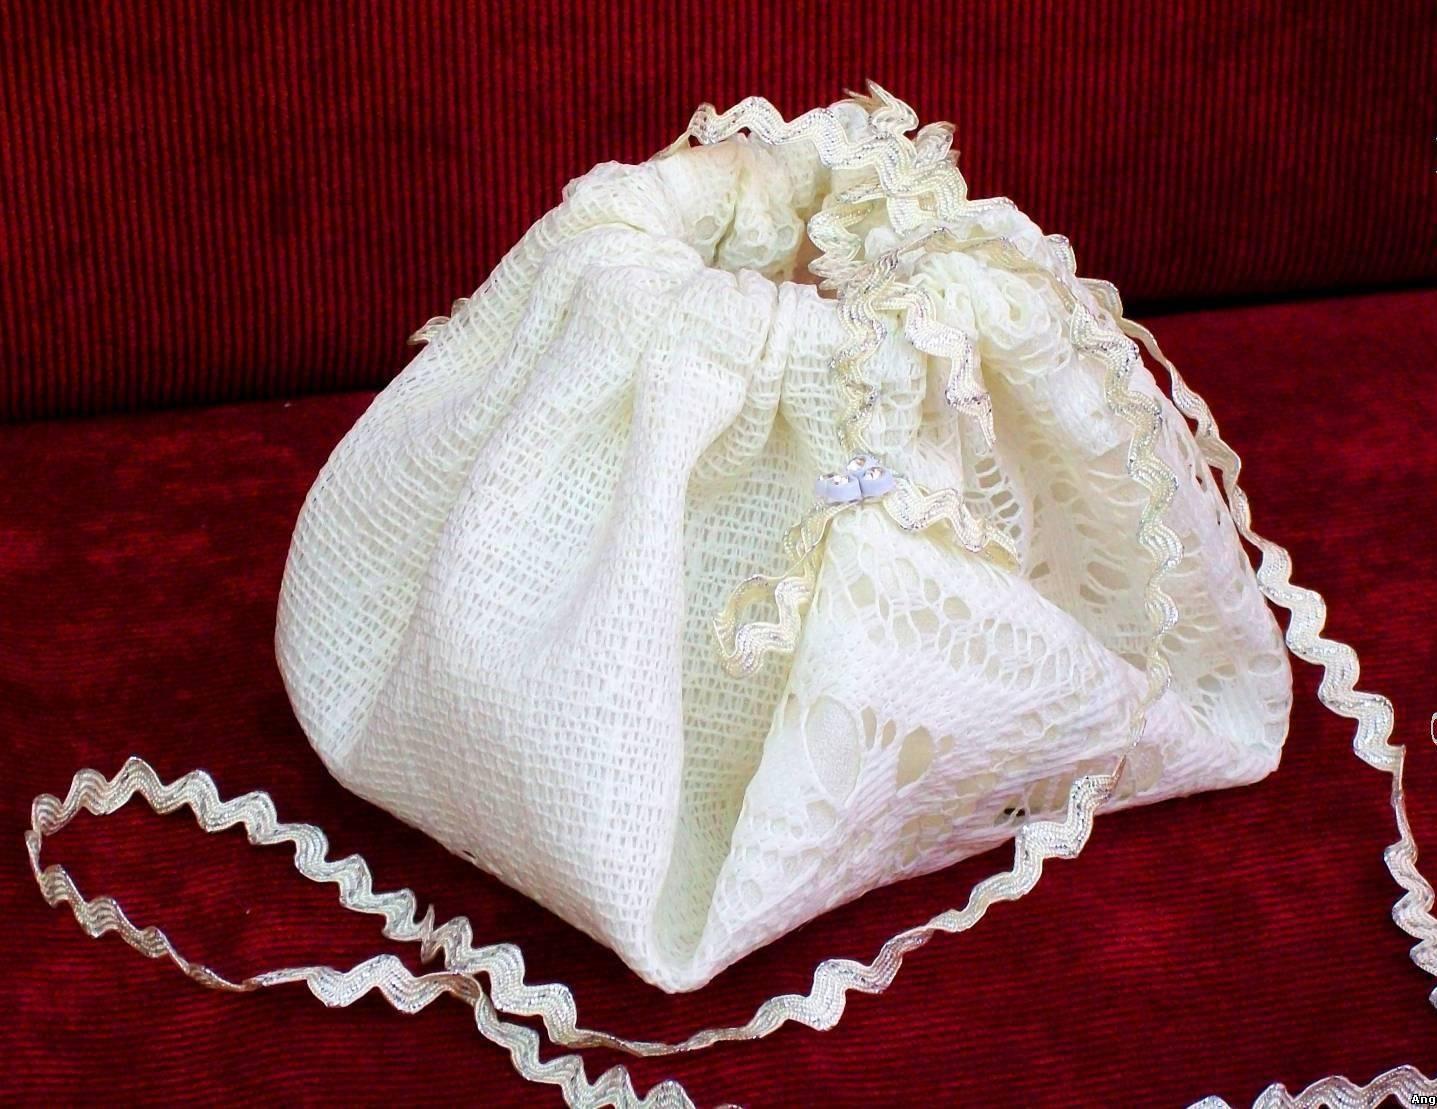 Сумка своими руками: обзор идей как сделать модную и красивую сумку из различных материалов (80 фото и видео)